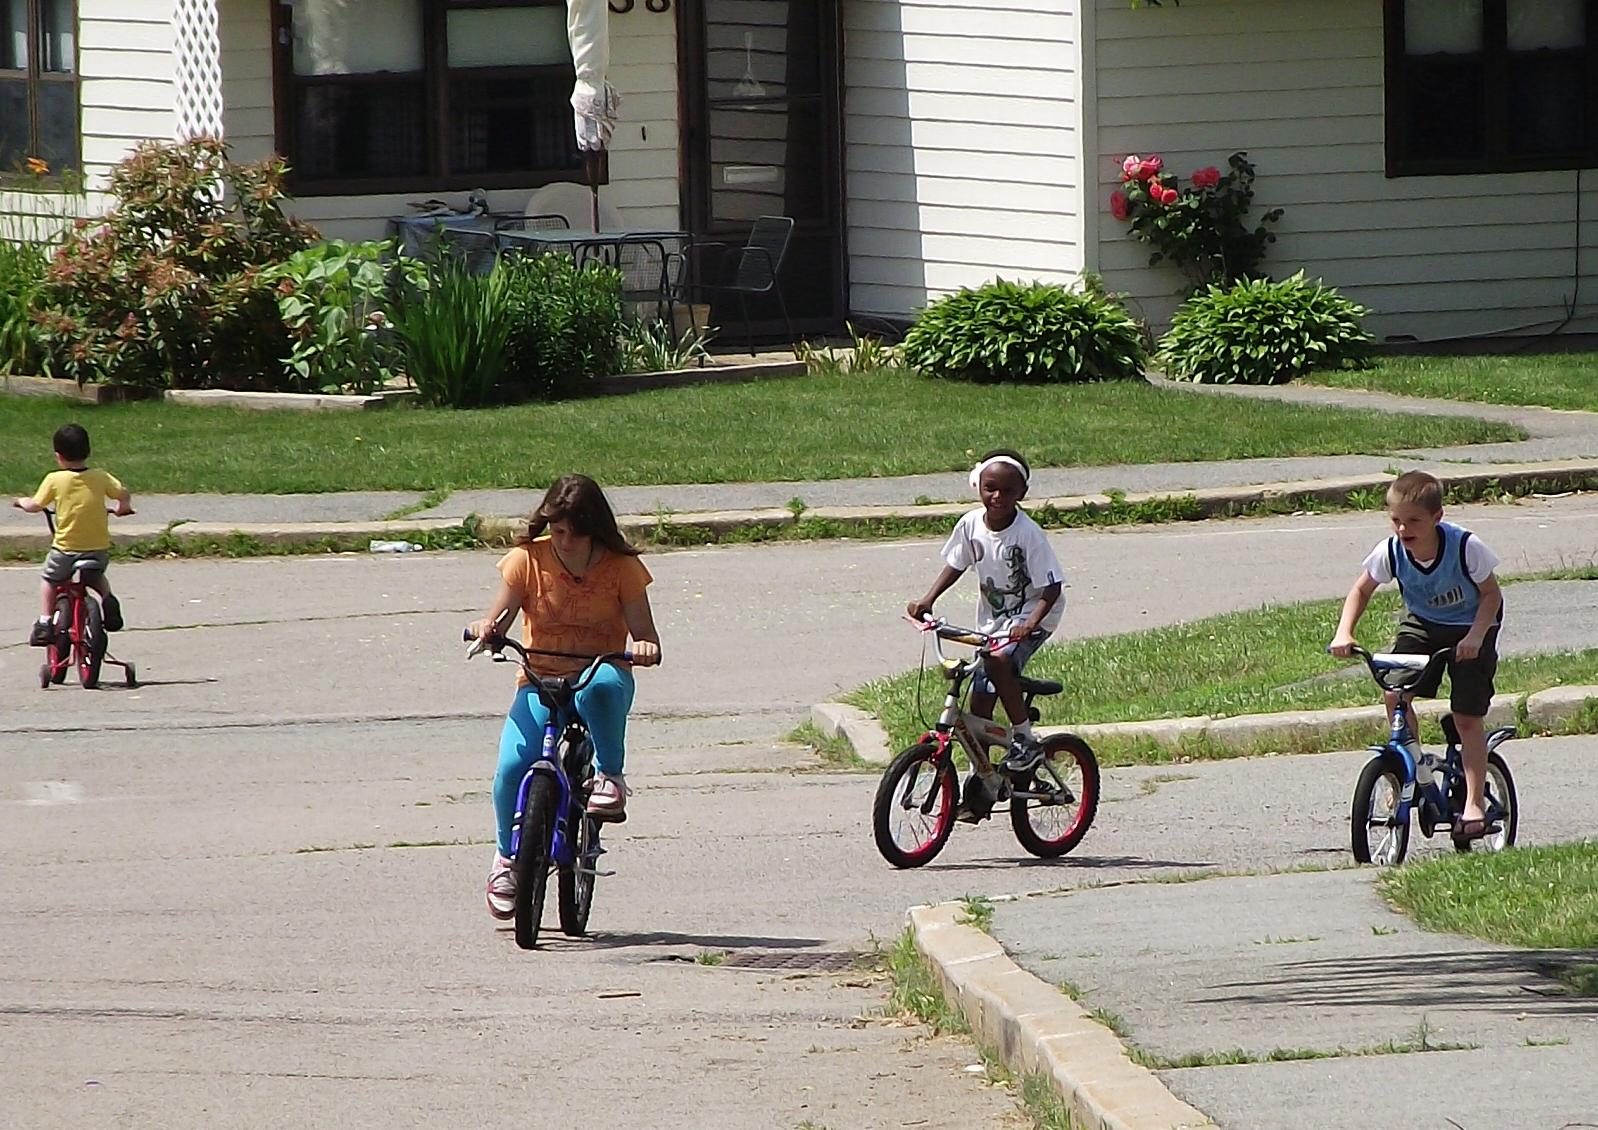 kids on bikes by HelmutDoork